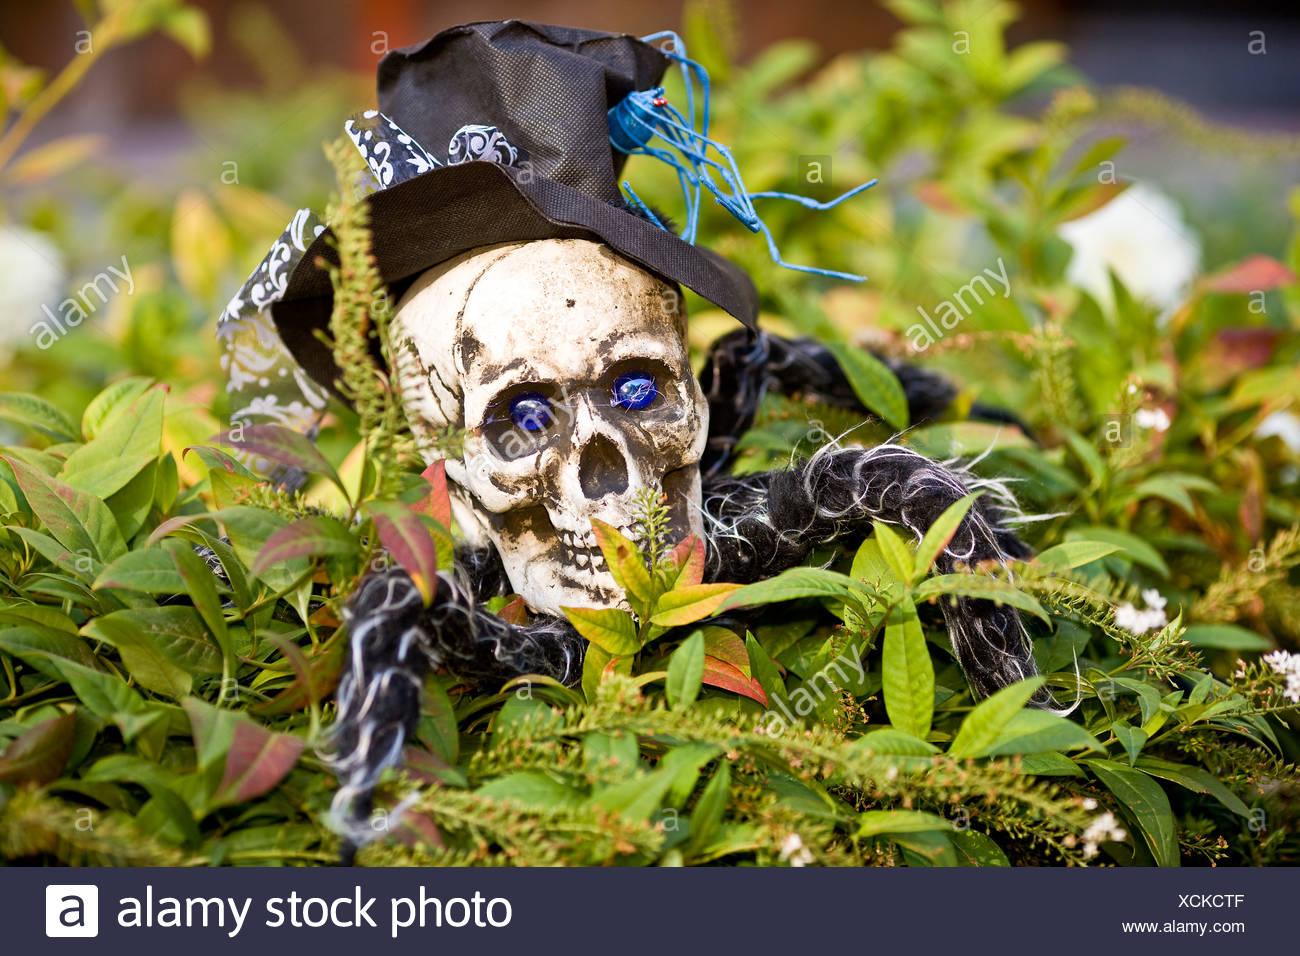 Gigantic Halloween spider in the garden hedge - Stock Image